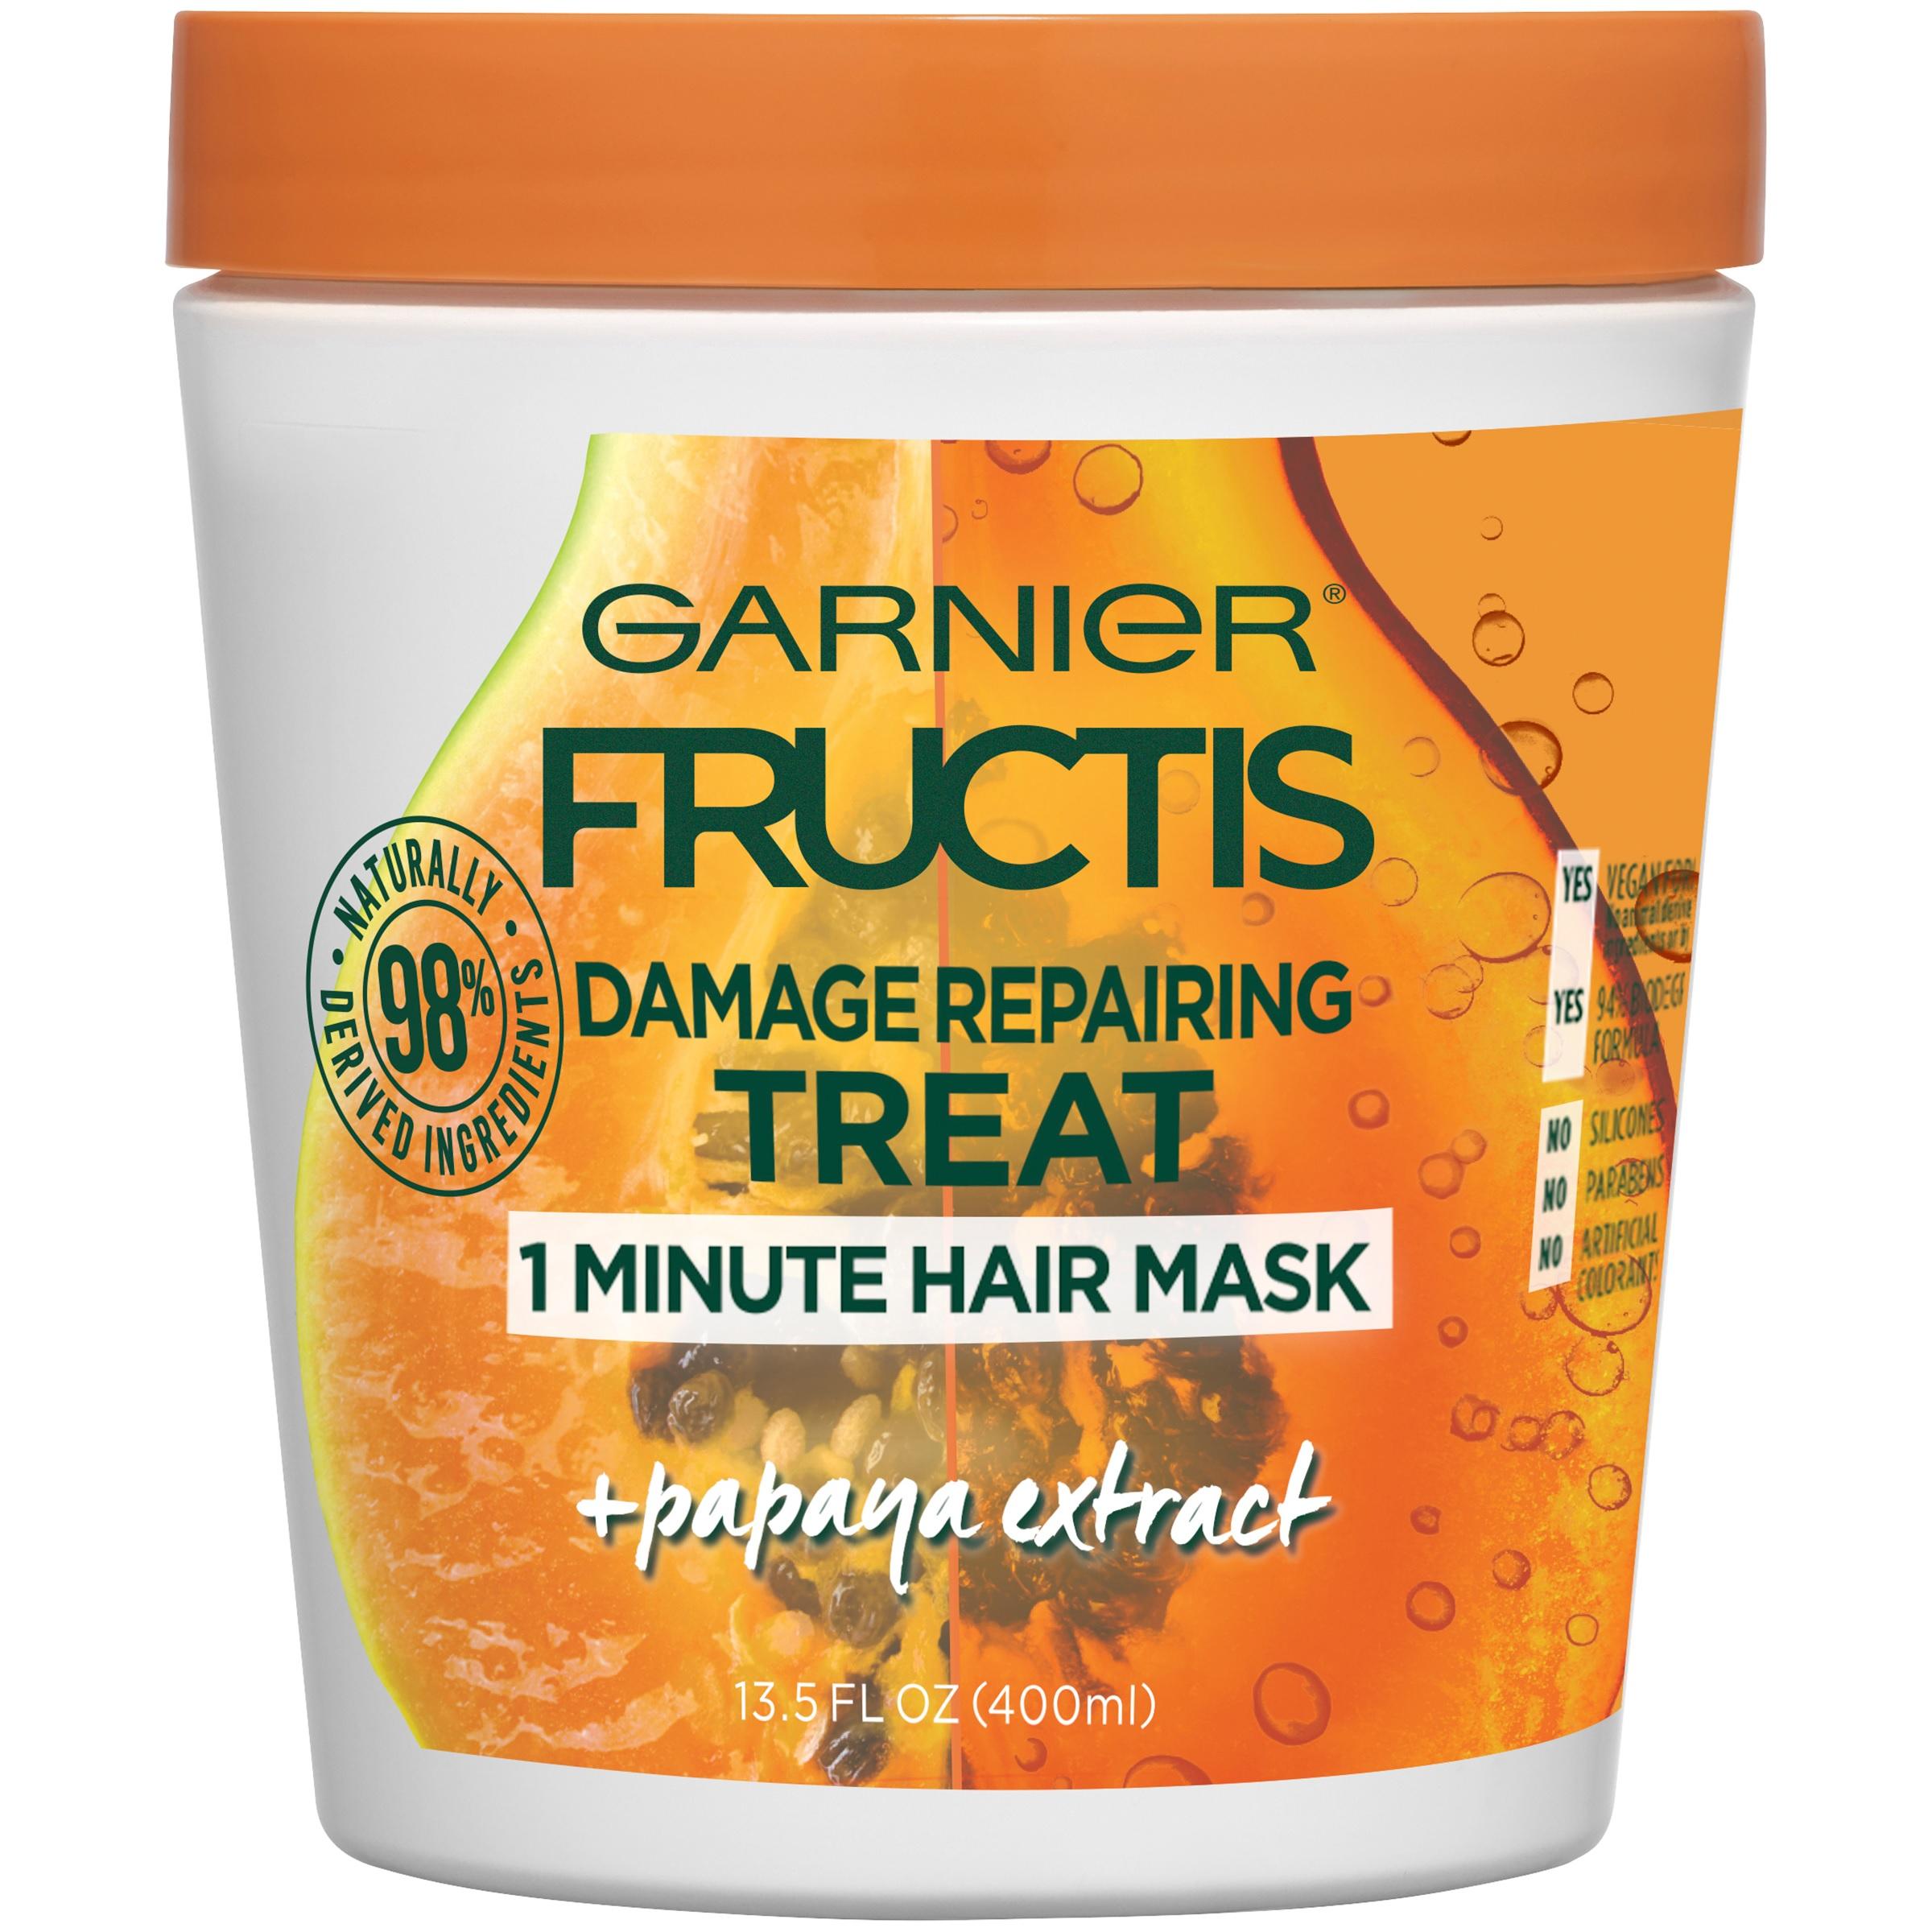 Damage Repairing Treat 1 Minute Hair Mask + Papaya Extract – ¿Tienes poco tiempo? Esta mascarilla de Garnier para el cabello te permite reparar la hebra en tan solo un minuto, dejando el cabello suave y manejable. Consíguelo en farmacias y tiendas.  (Suministrada)